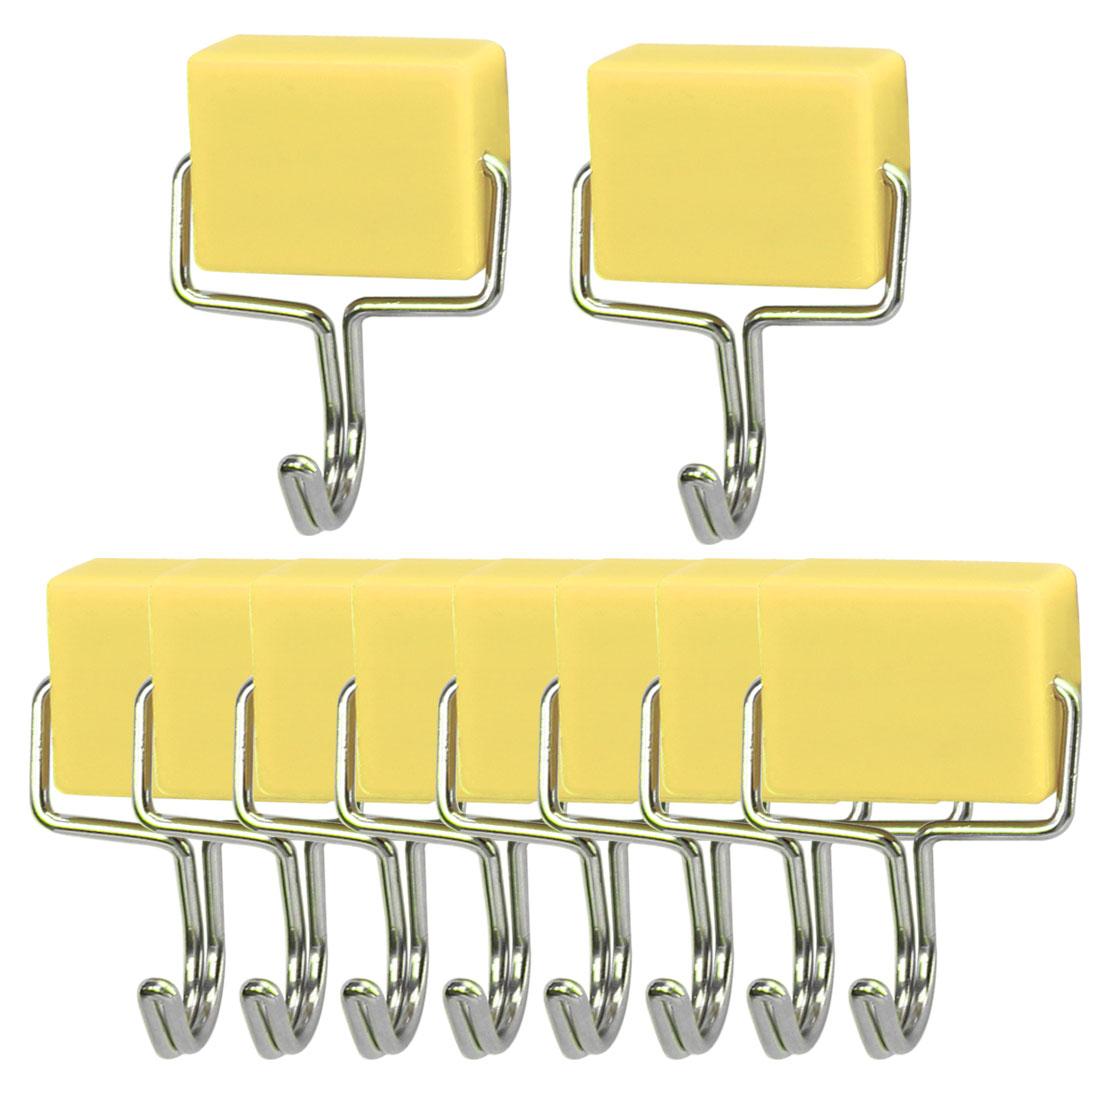 10pcs Magnetic Hook Stainless Steel Wall Hooks Hanger for Coat Hat Holder Yellow